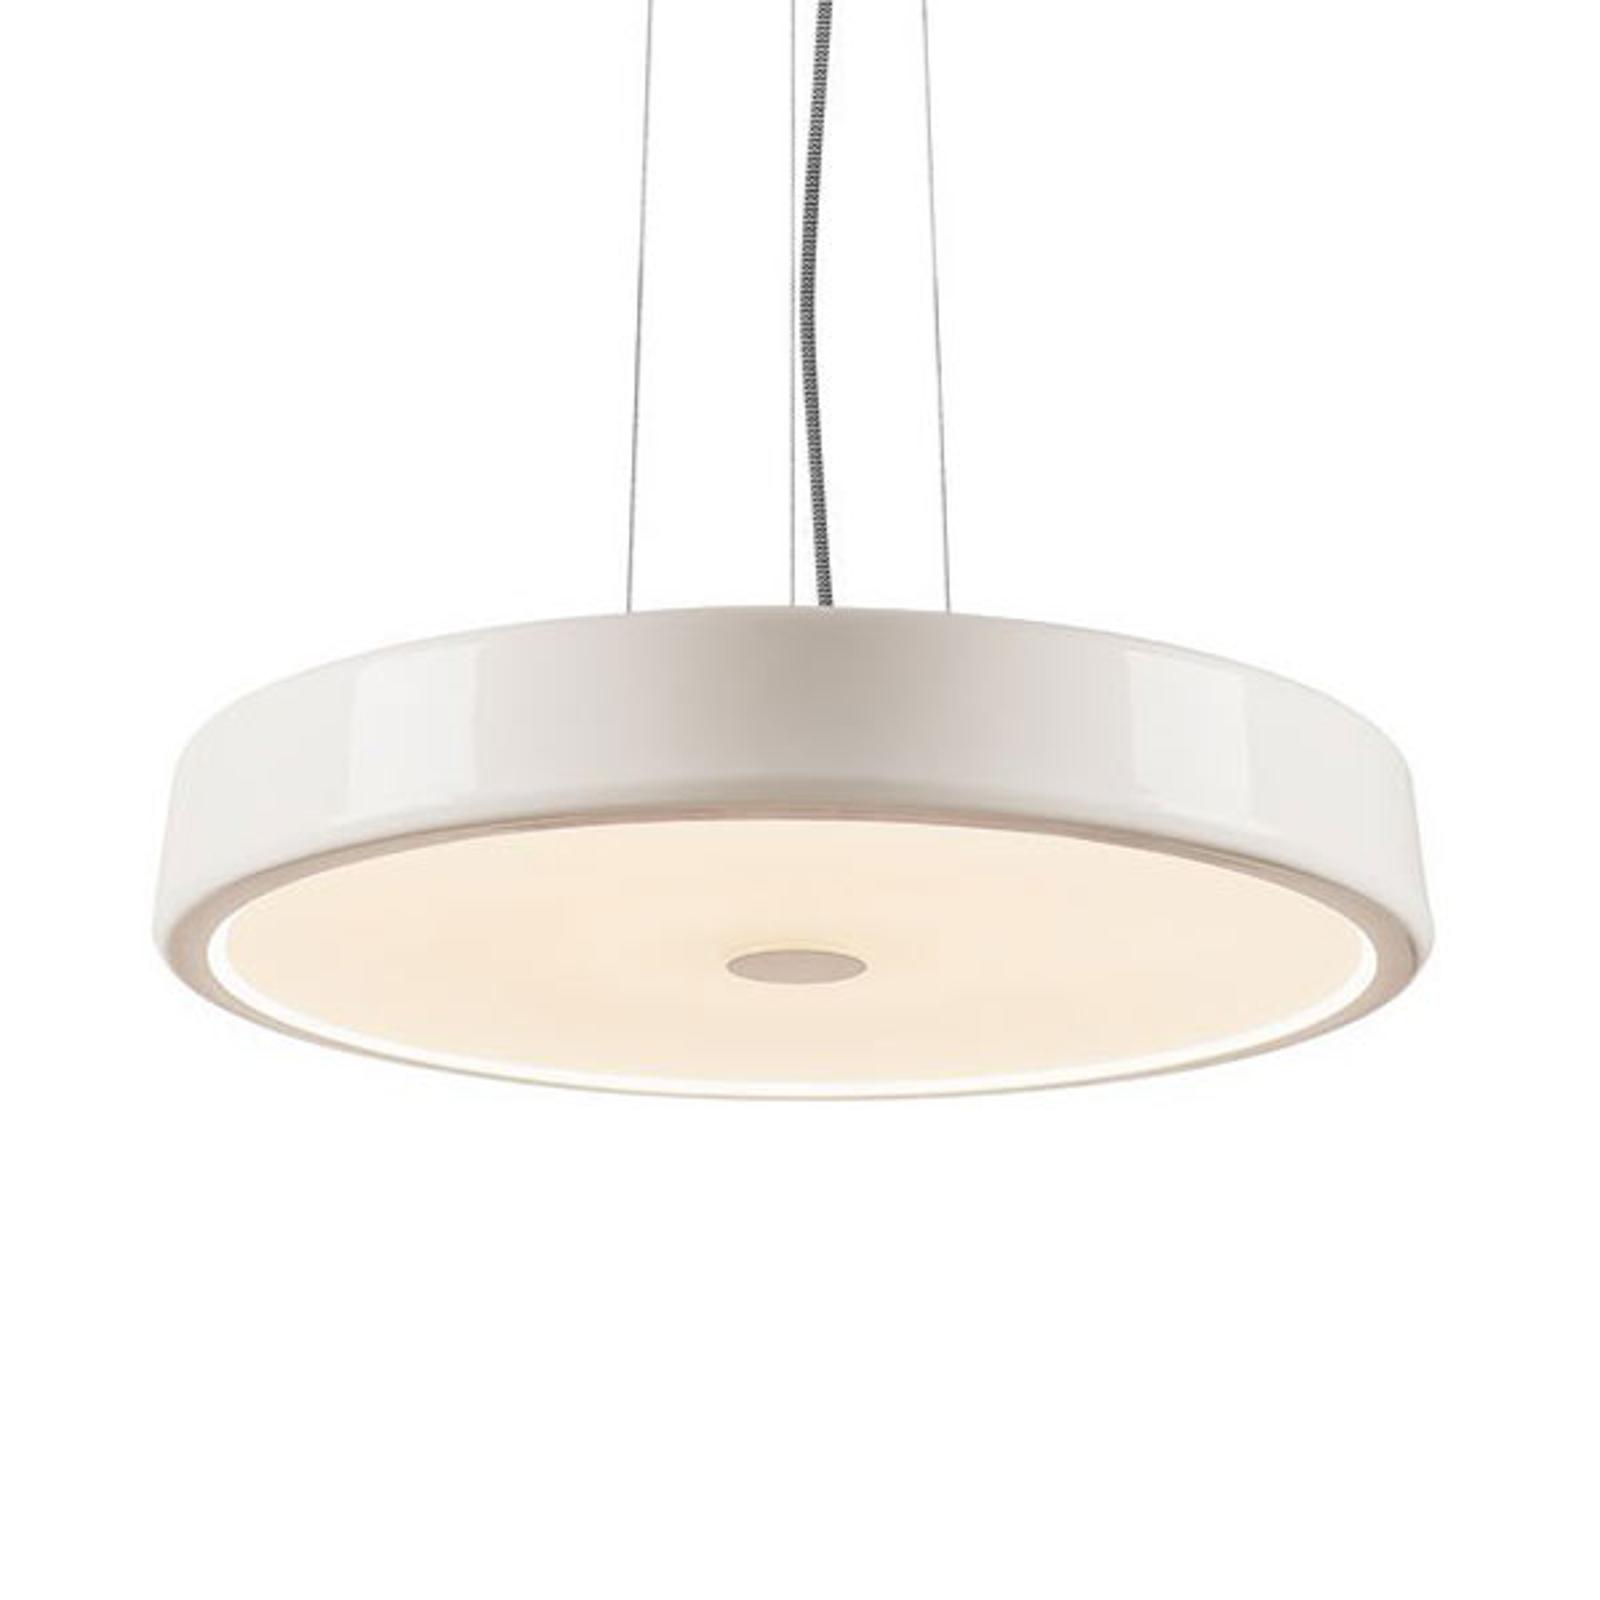 SLV Sphera lampa wisząca LED, ściemniana Ø 45 cm